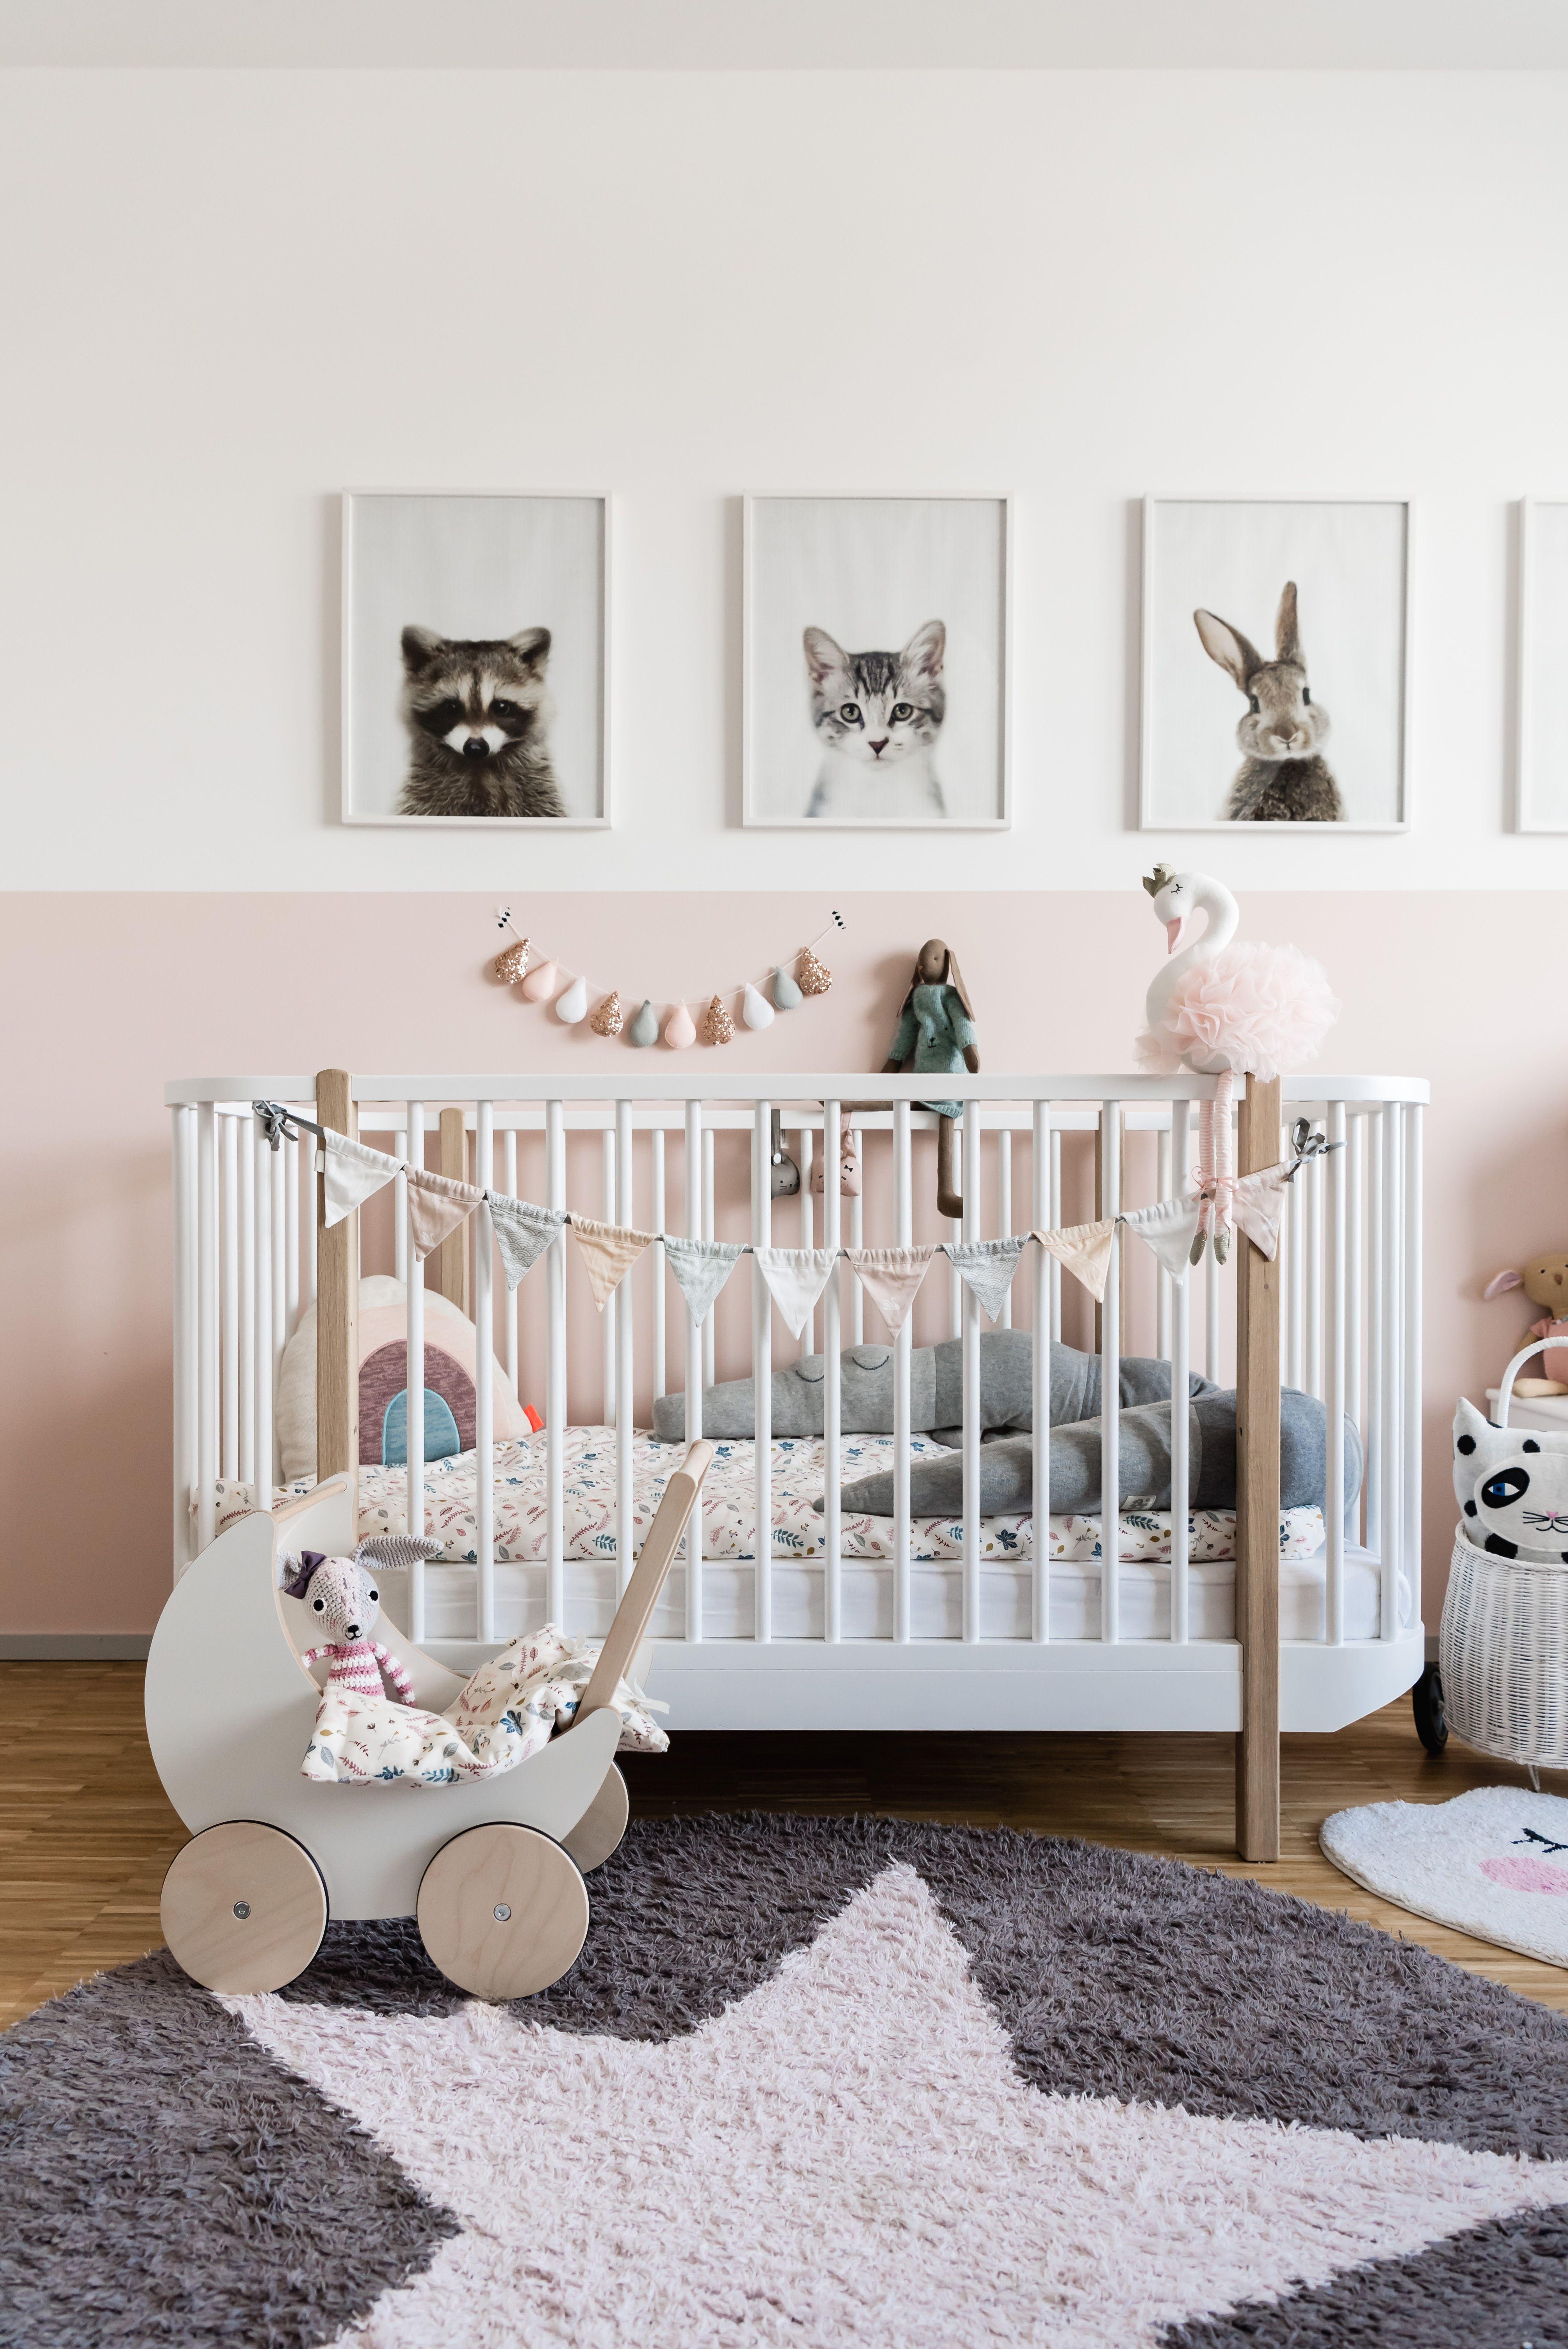 Babyzimmer Einrichten: Ein Traum Für Kleine Mädchen #kinderzimmer  #kinderzimmerdeko #kinderzimmerinspo #babyzimmer